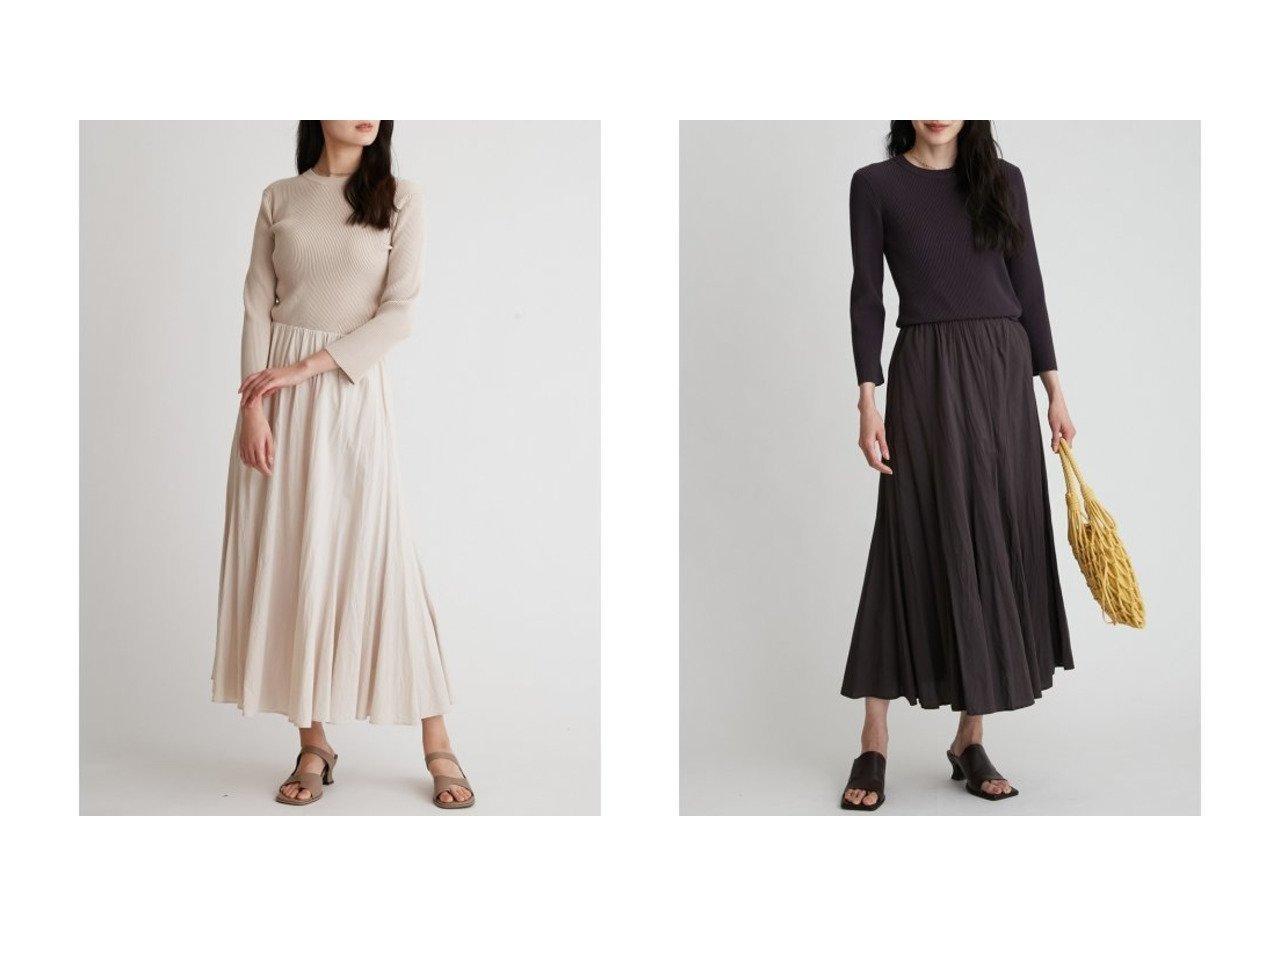 【Mila Owen/ミラオーウェン】のパネルフレアスカートニットドッキングワンピース ワンピース・ドレスのおすすめ!人気、トレンド・レディースファッションの通販 おすすめで人気の流行・トレンド、ファッションの通販商品 メンズファッション・キッズファッション・インテリア・家具・レディースファッション・服の通販 founy(ファニー) https://founy.com/ ファッション Fashion レディースファッション WOMEN スカート Skirt Aライン/フレアスカート Flared A-Line Skirts スマート ドッキング フレア ブラウジング ラベンダー リブニット ワーク おすすめ Recommend |ID:crp329100000024857